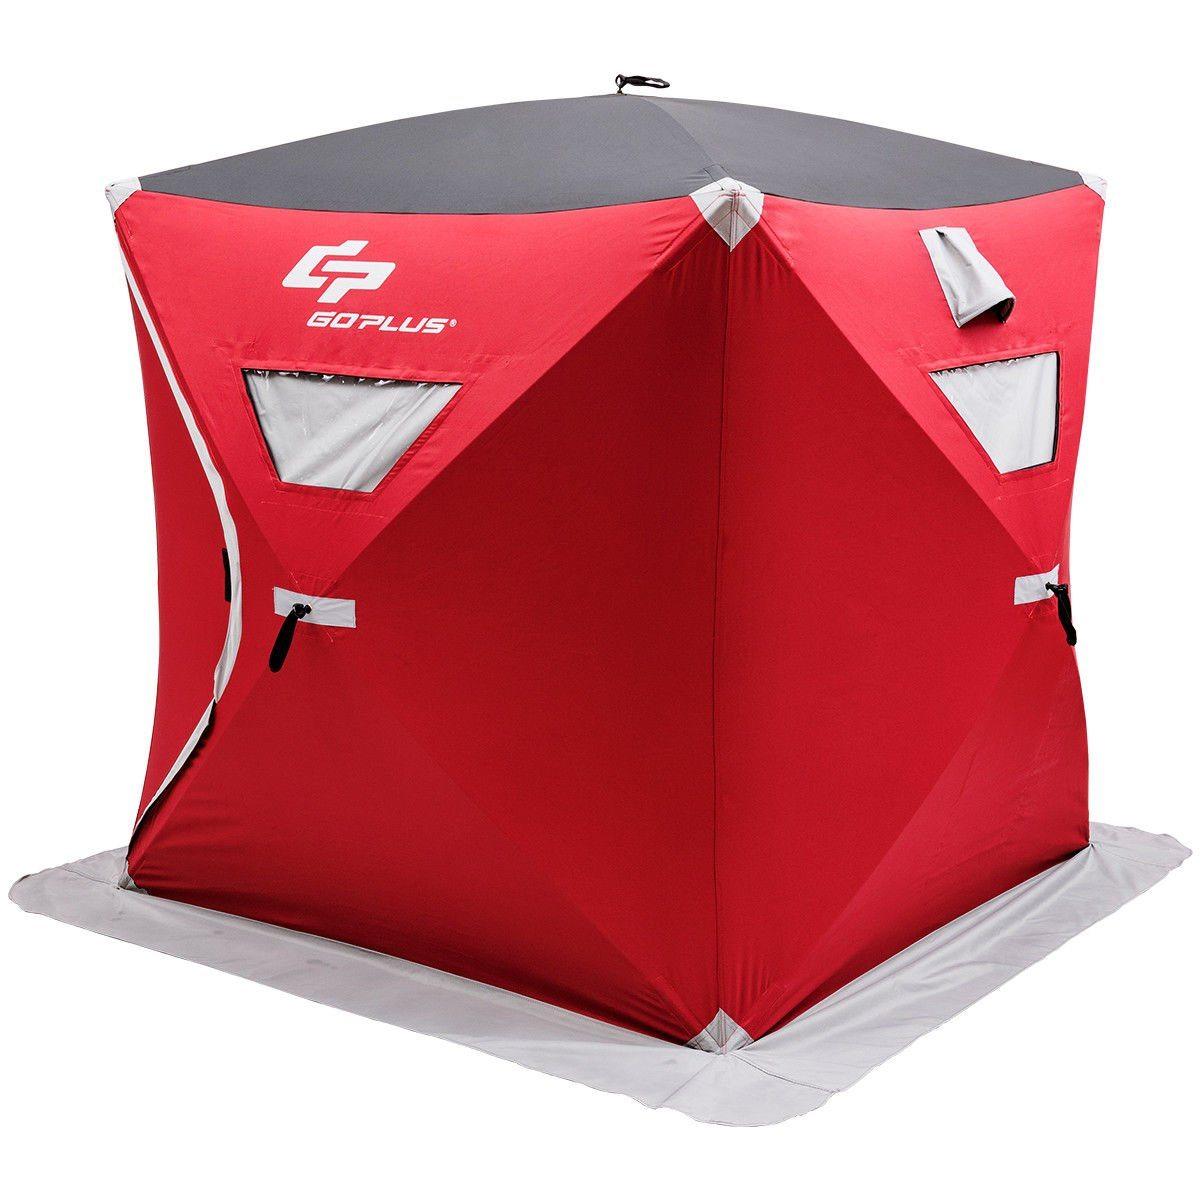 Goplus Portable Ice Shelter